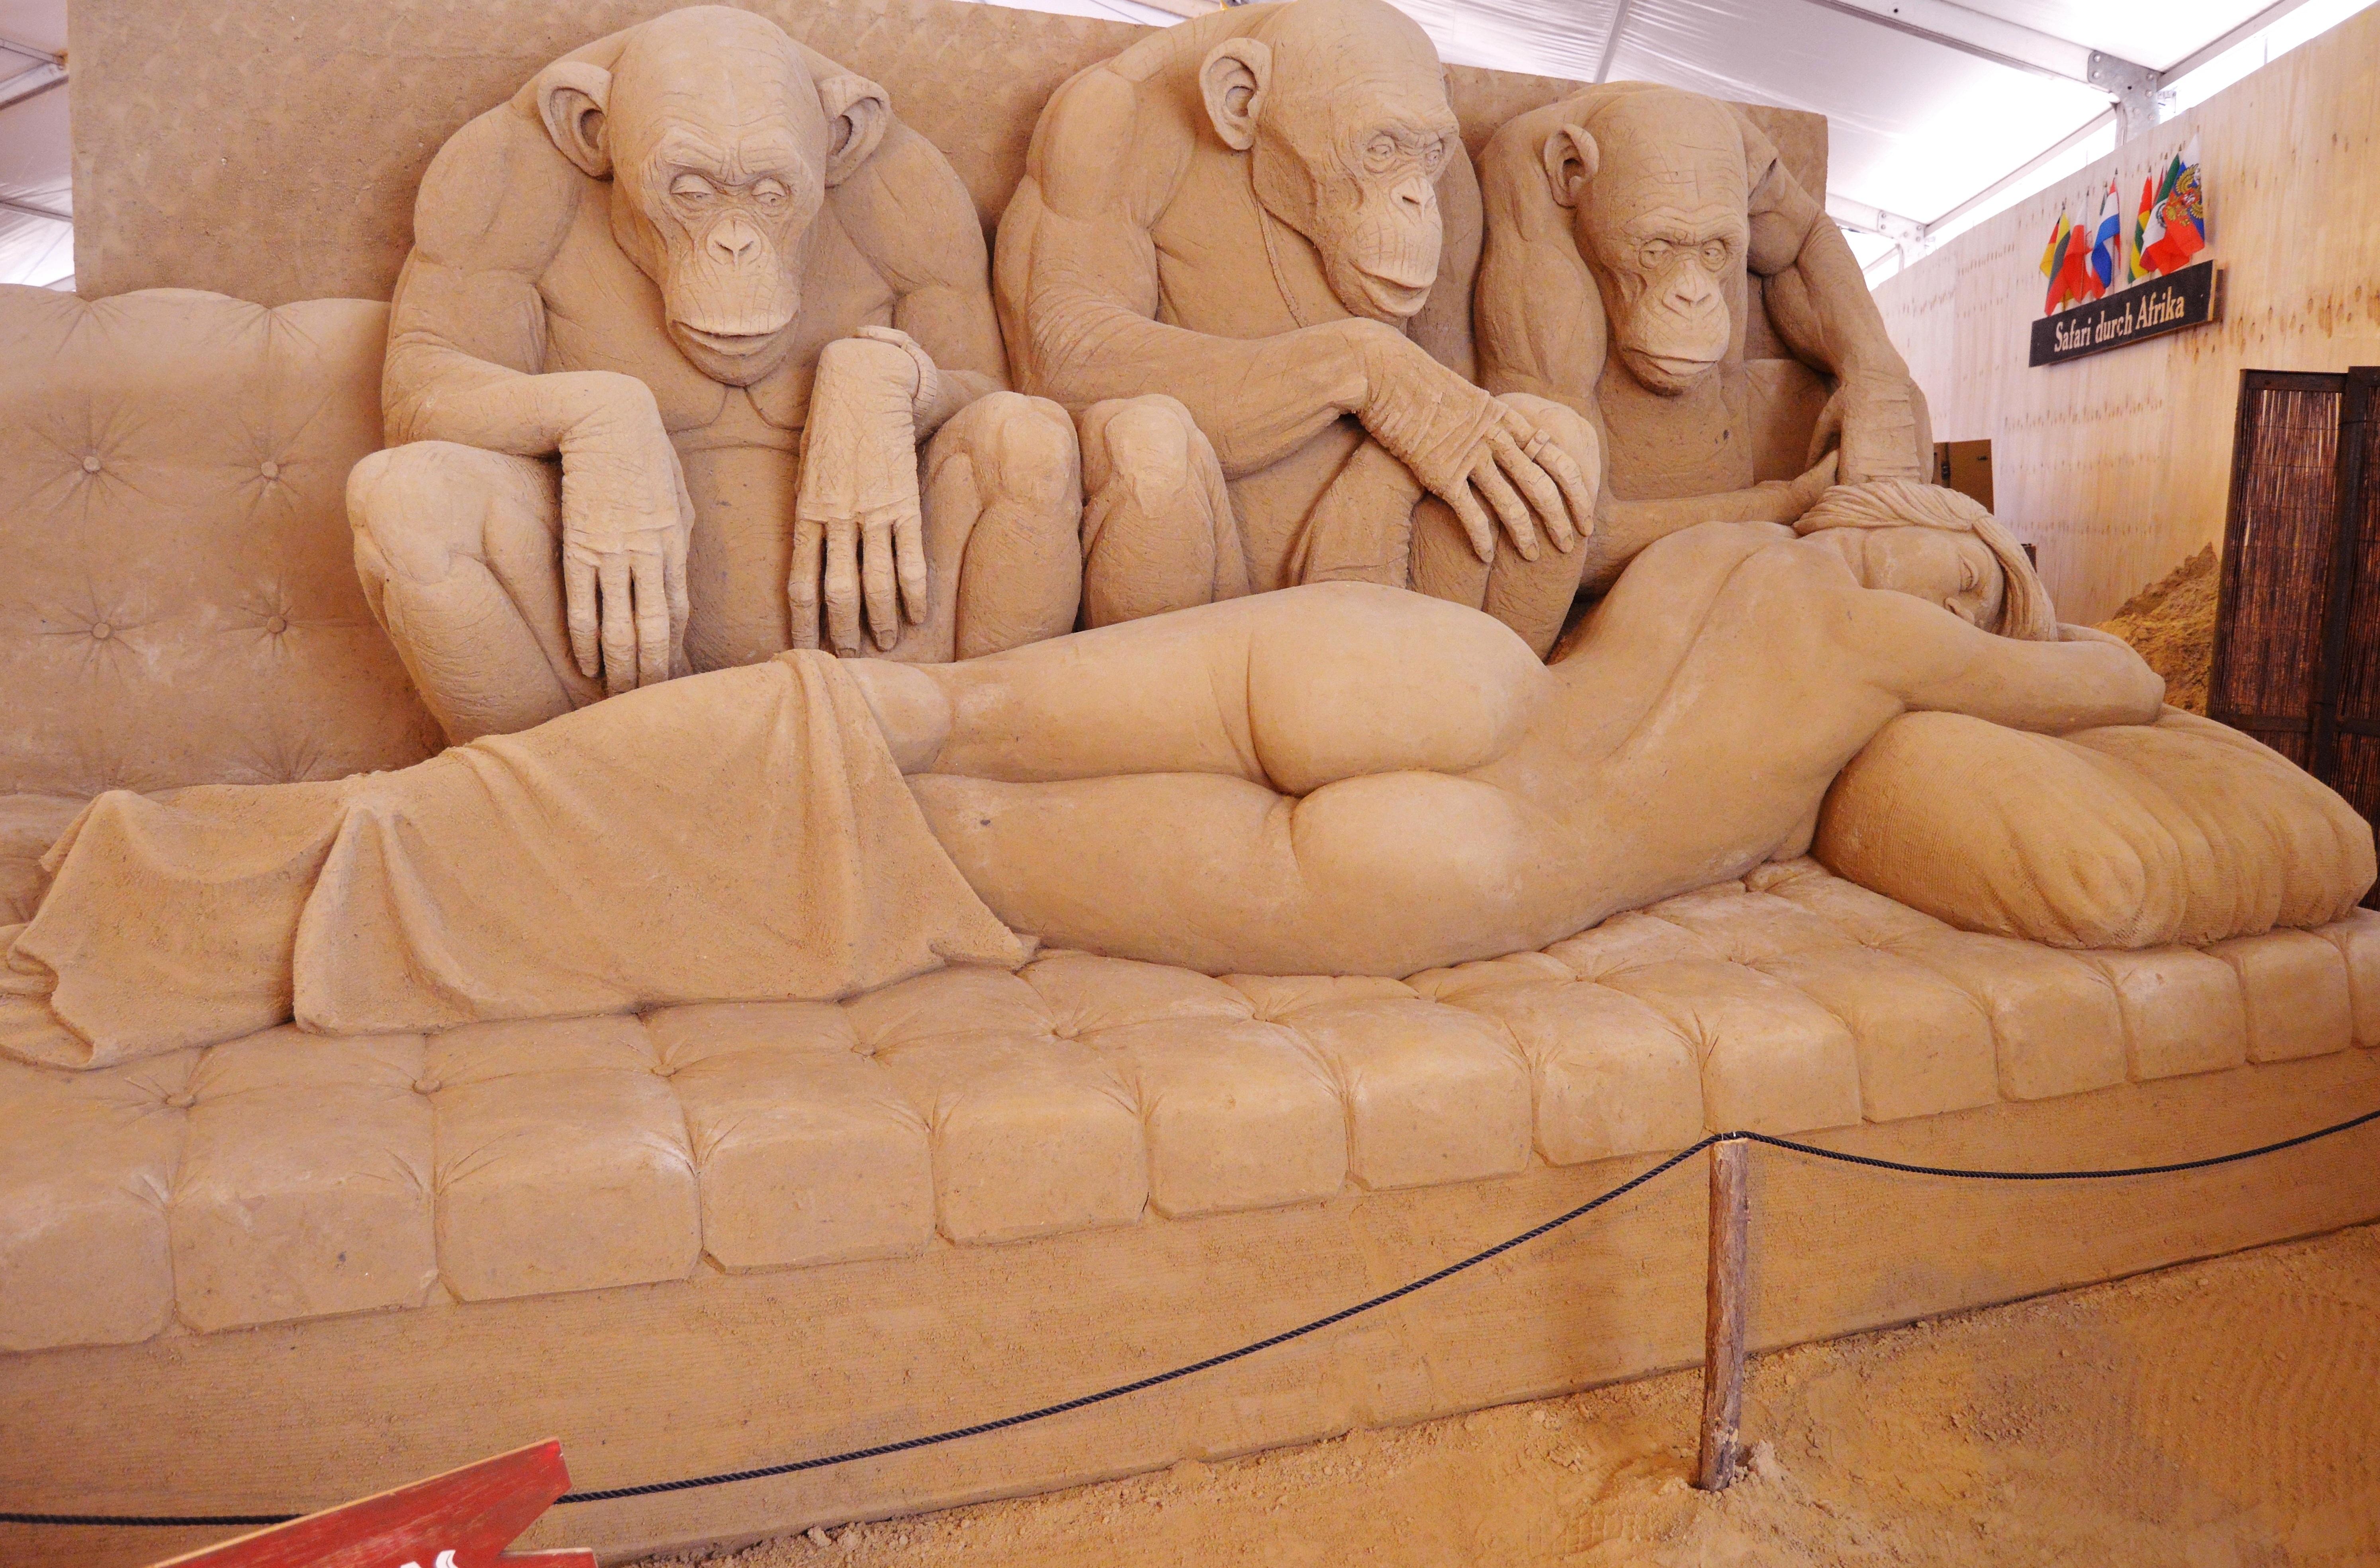 Afrikanische Möbel kostenlose foto : frau, afrika, möbel, couch, kunstwerk, kunst